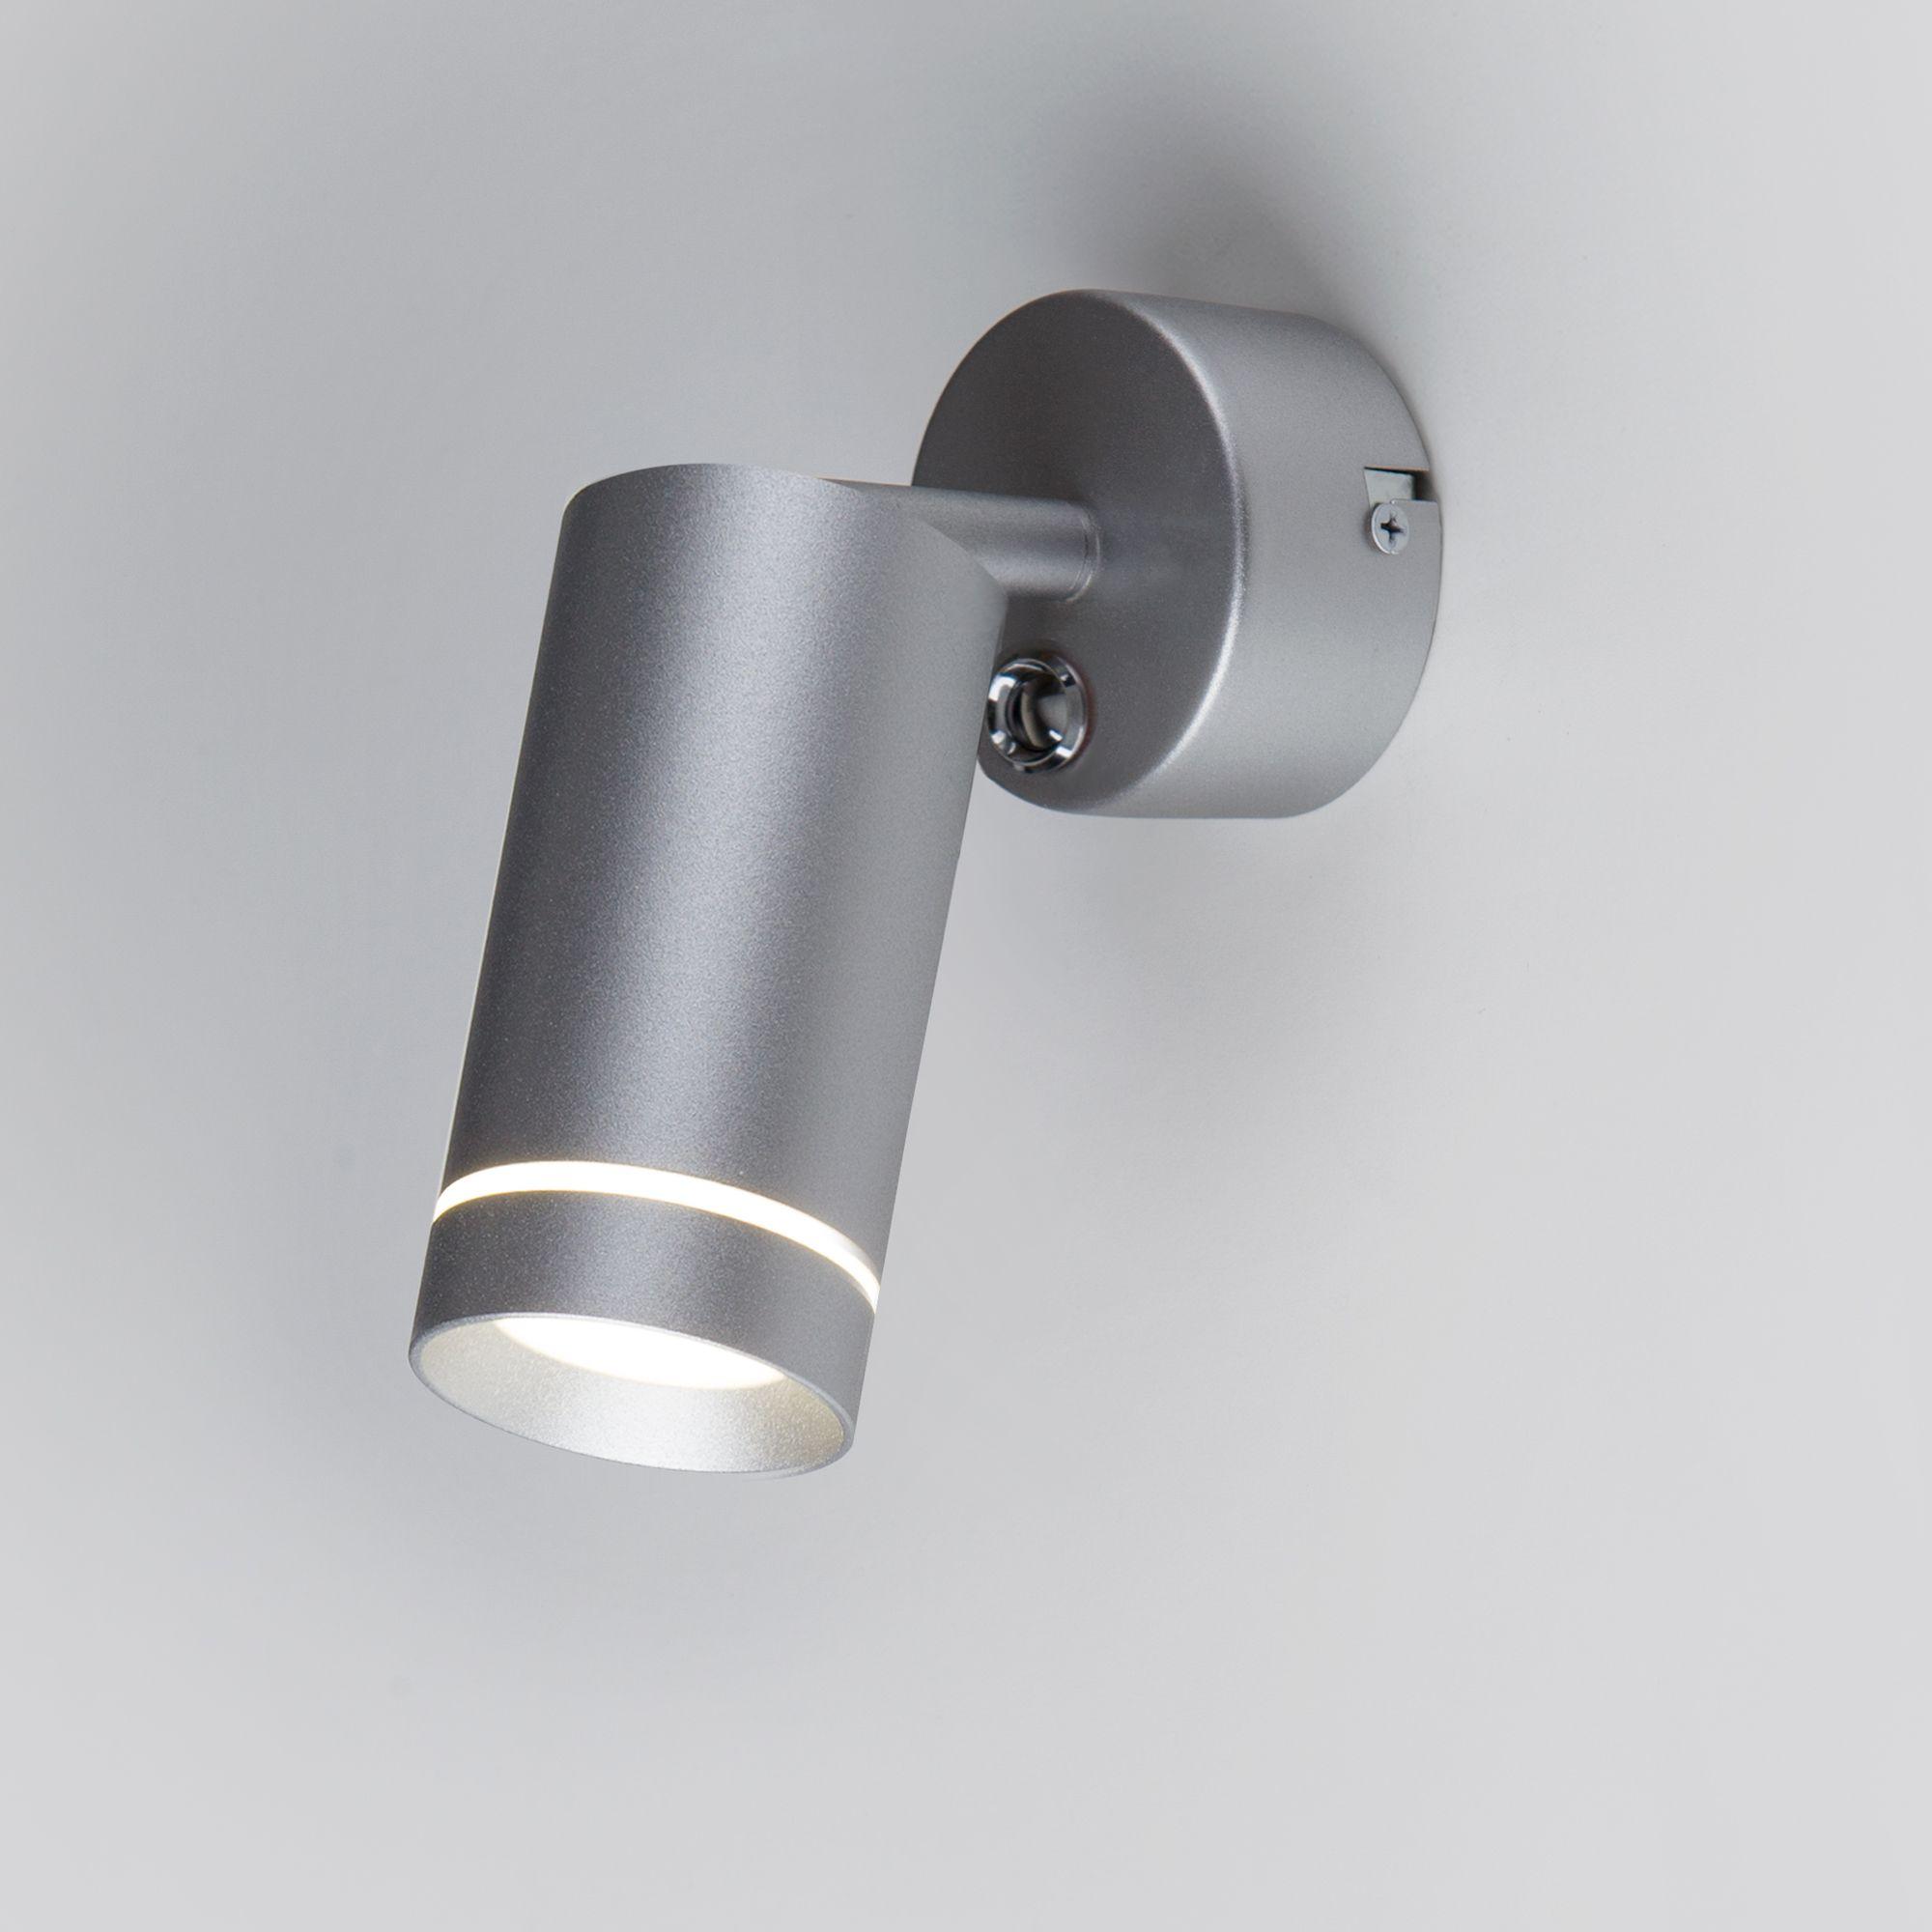 Настенный светодиодный светильник с поворотным плафоном Glory SW LED серебро (MRL LED 1005)